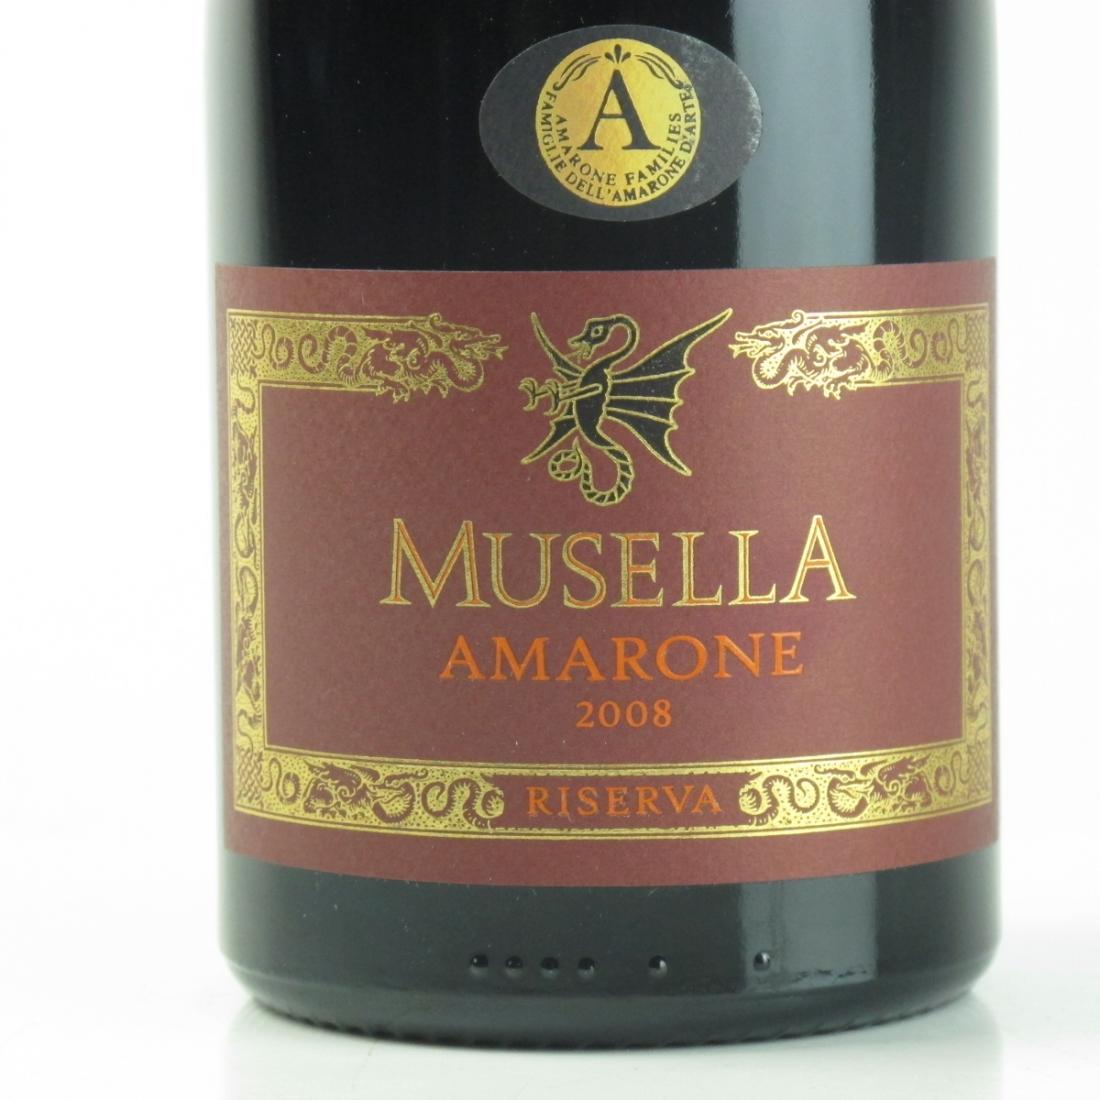 Musella 2008 Amarone Riserva